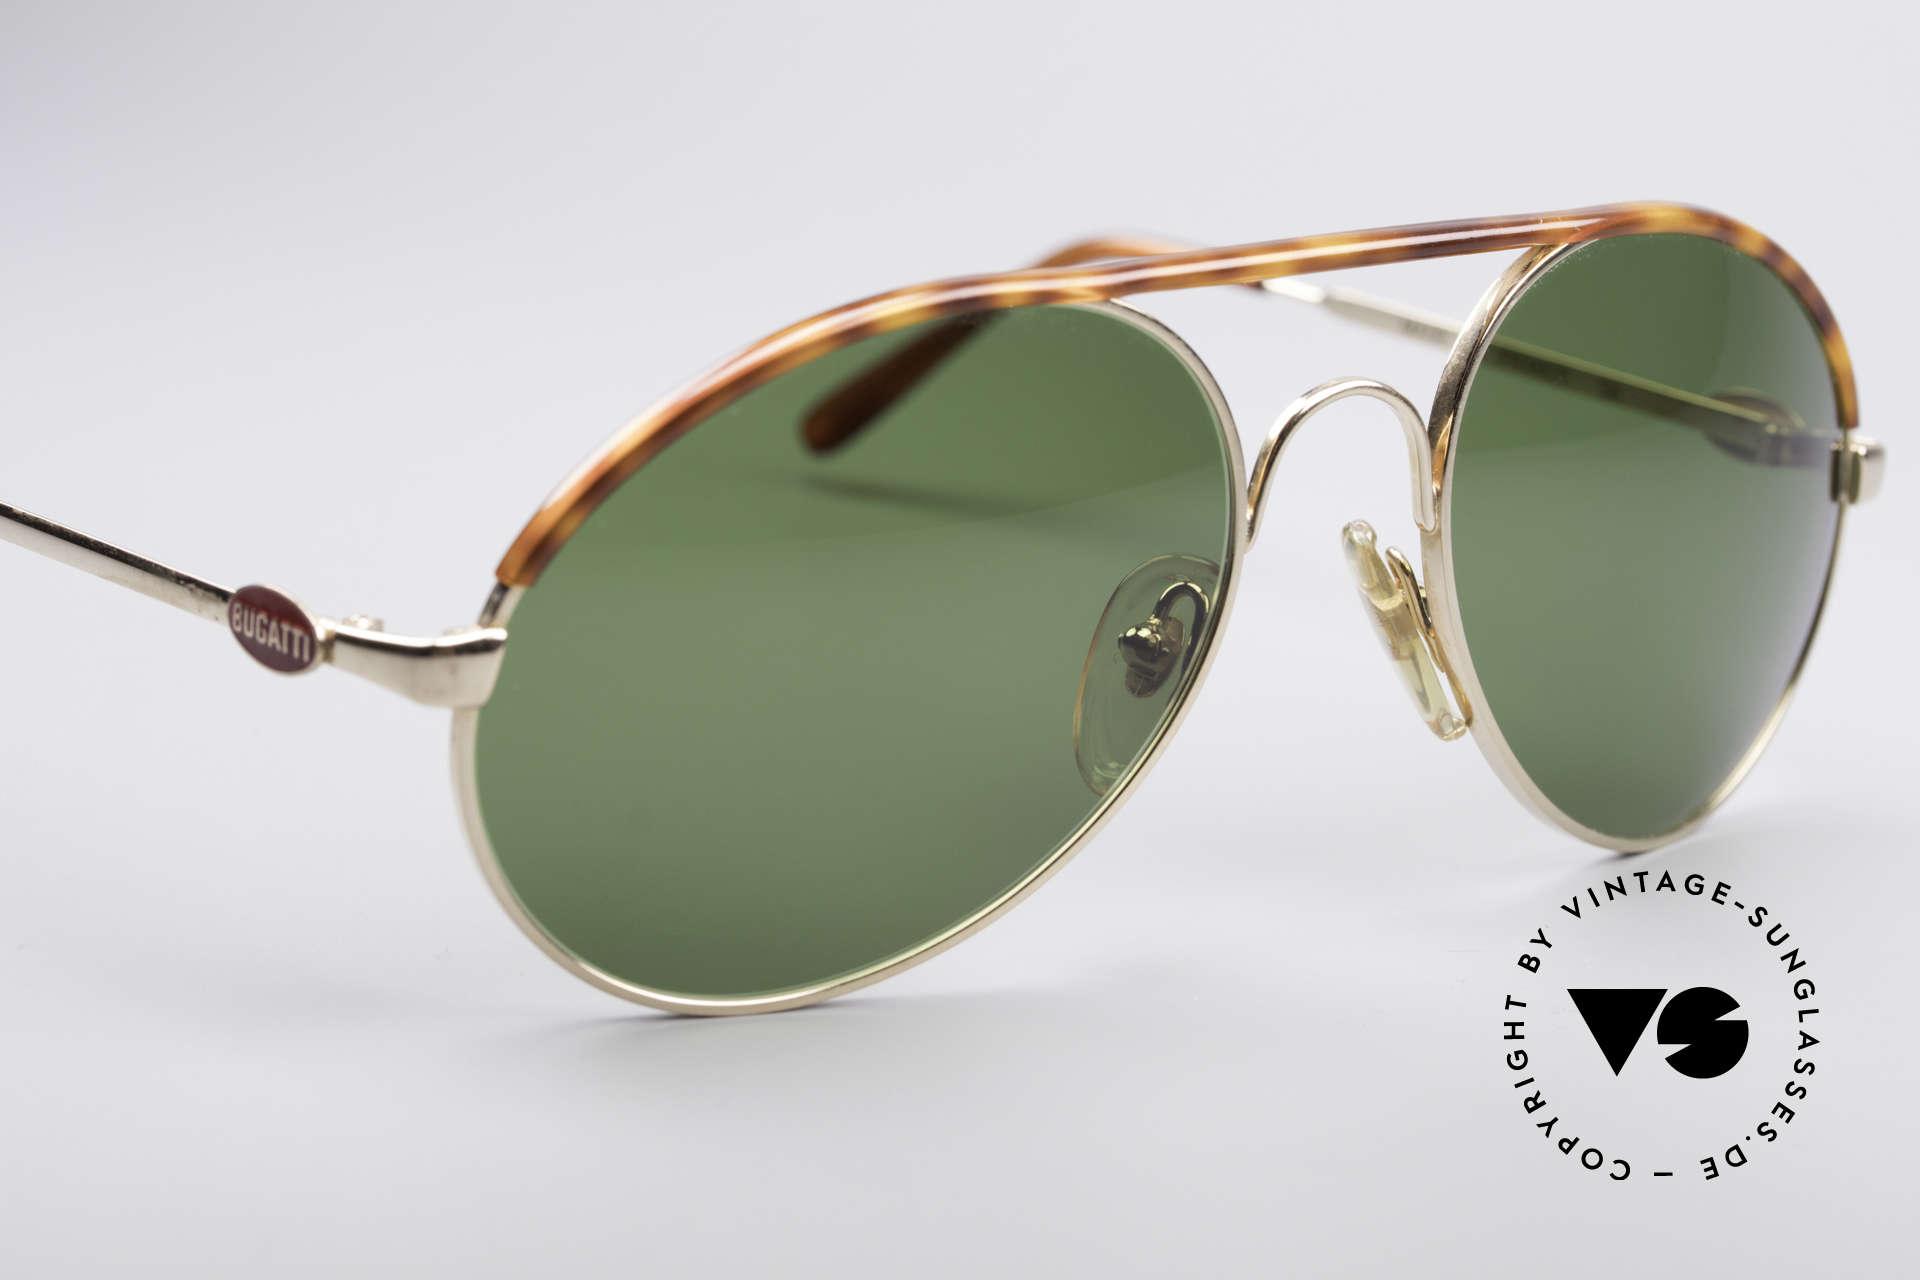 Bugatti 65986 80er Herren Sonnenbrille, ungetragen (wie alle unsere vintage BUGATTIS), Passend für Herren